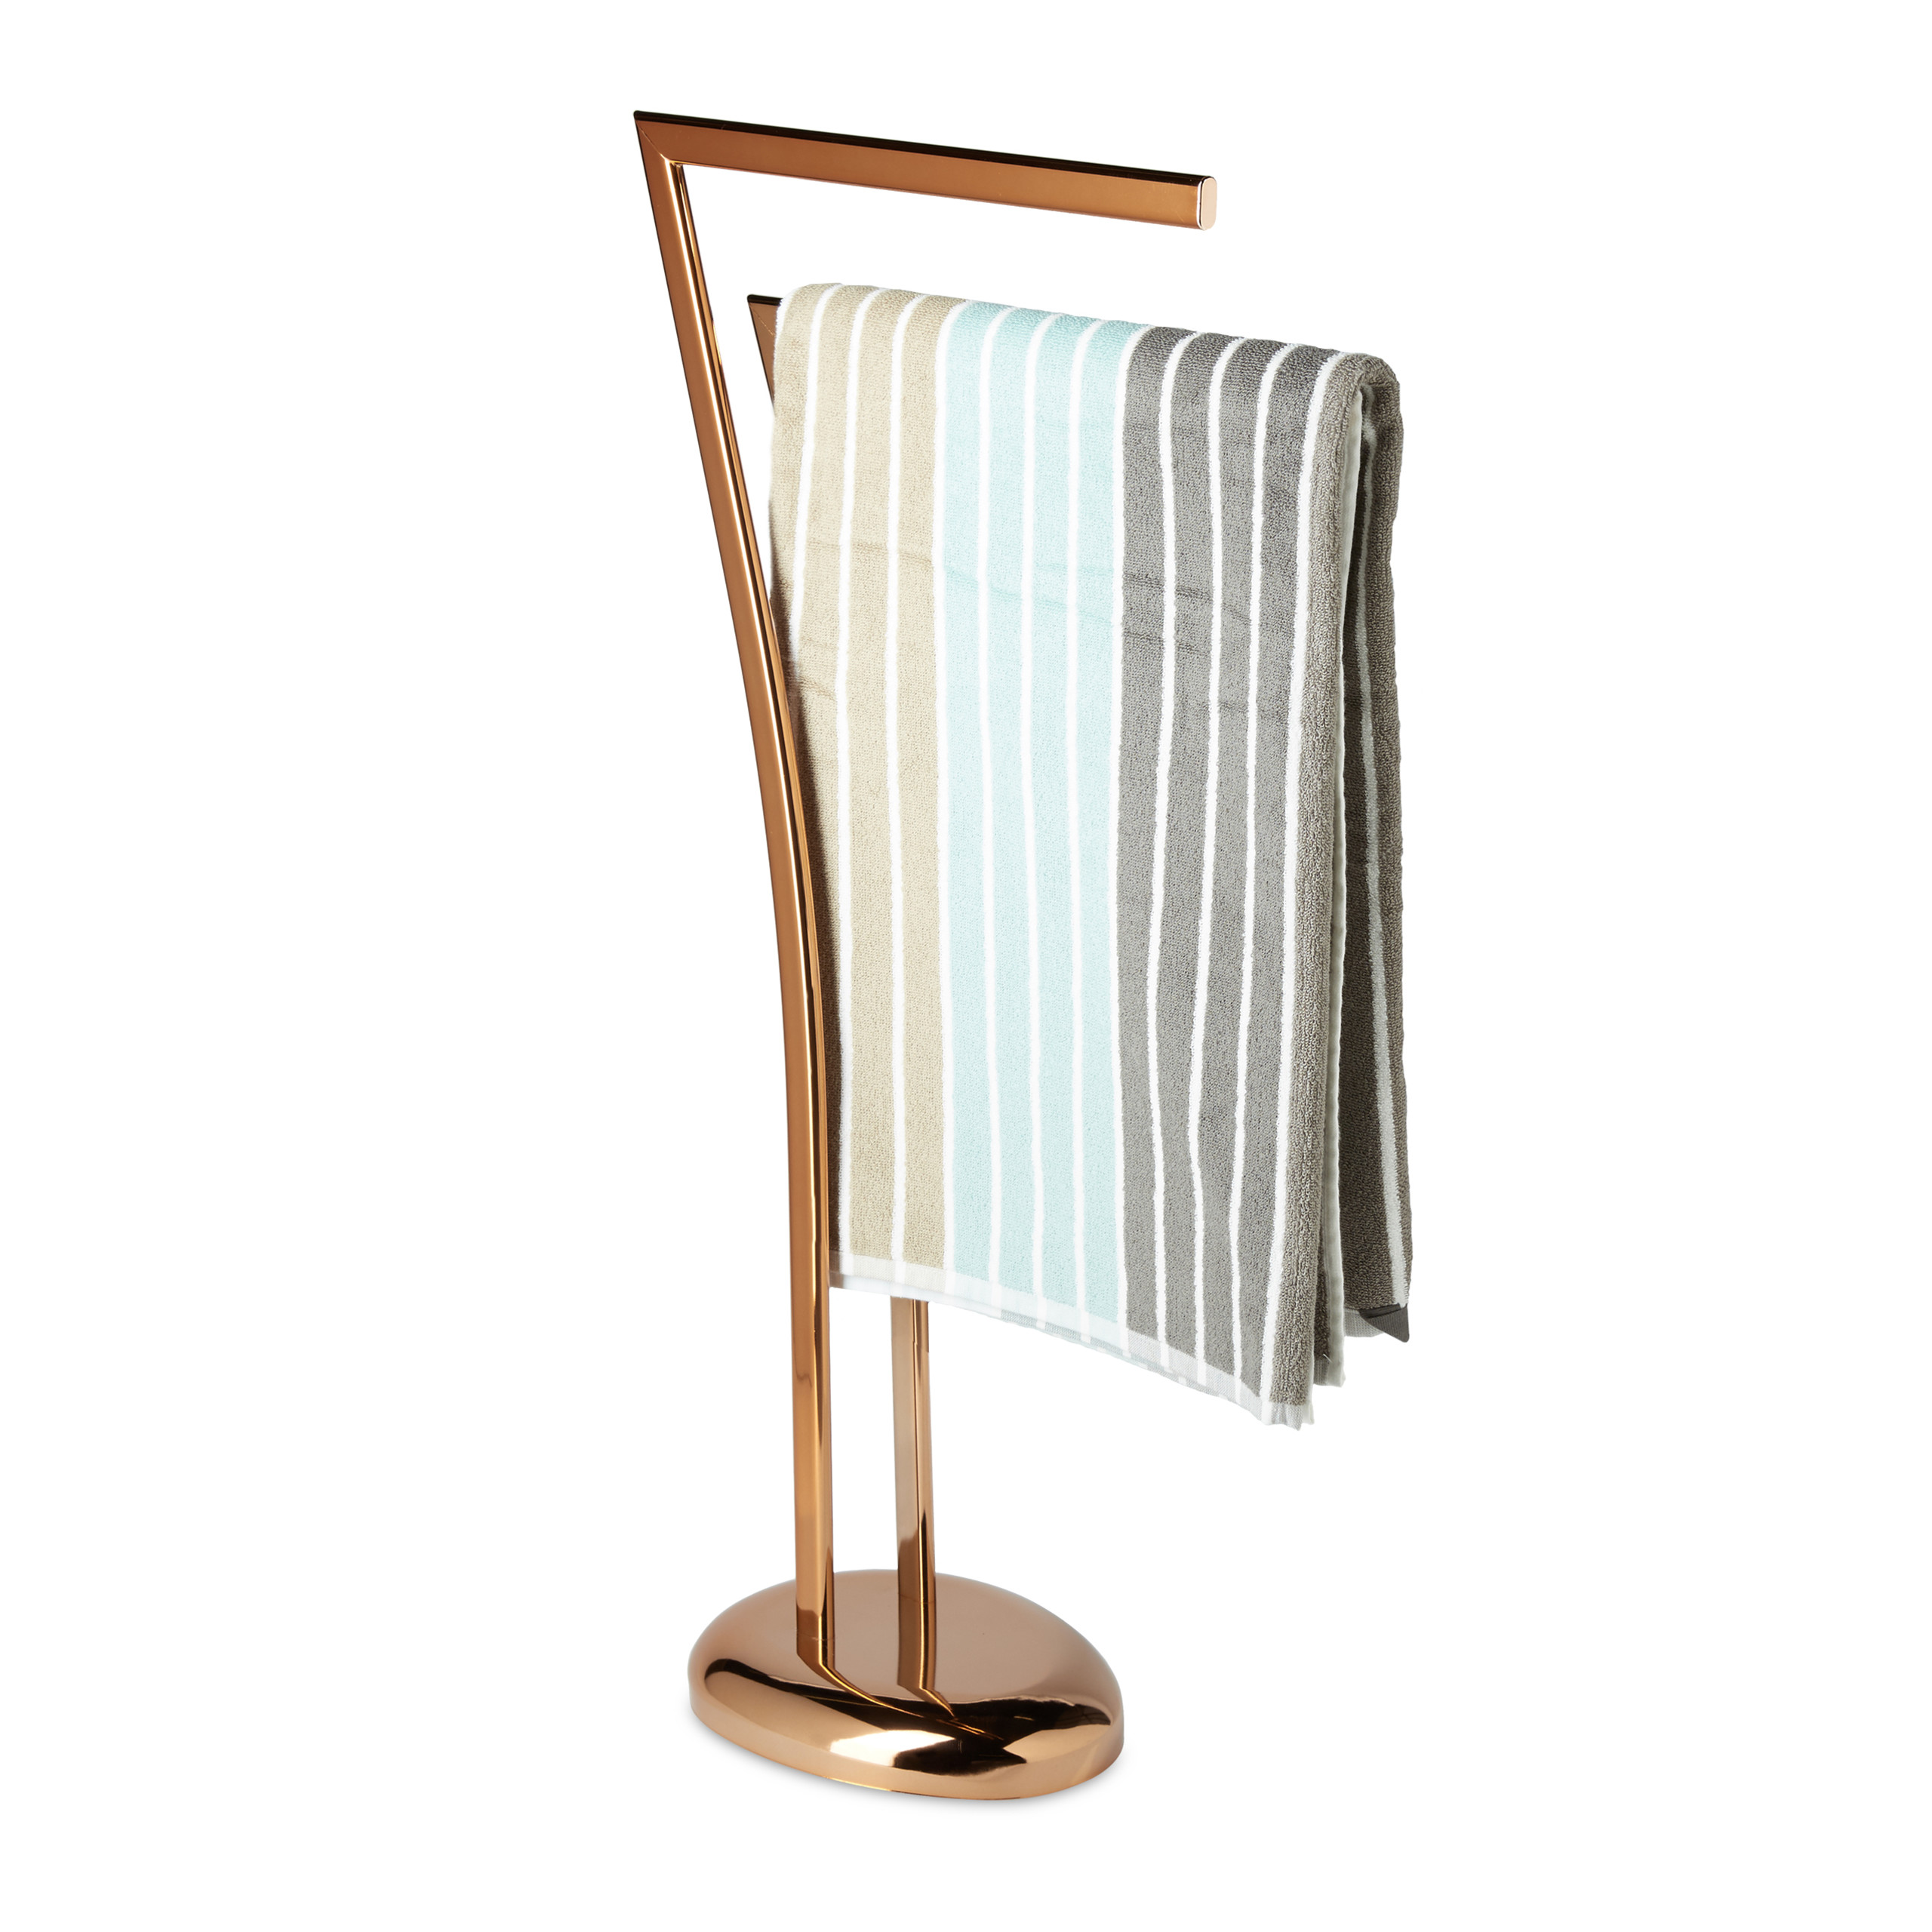 Porte-serviettes-cuivre-support-serviettes-gant-de-toilette-main-2-barres-bras